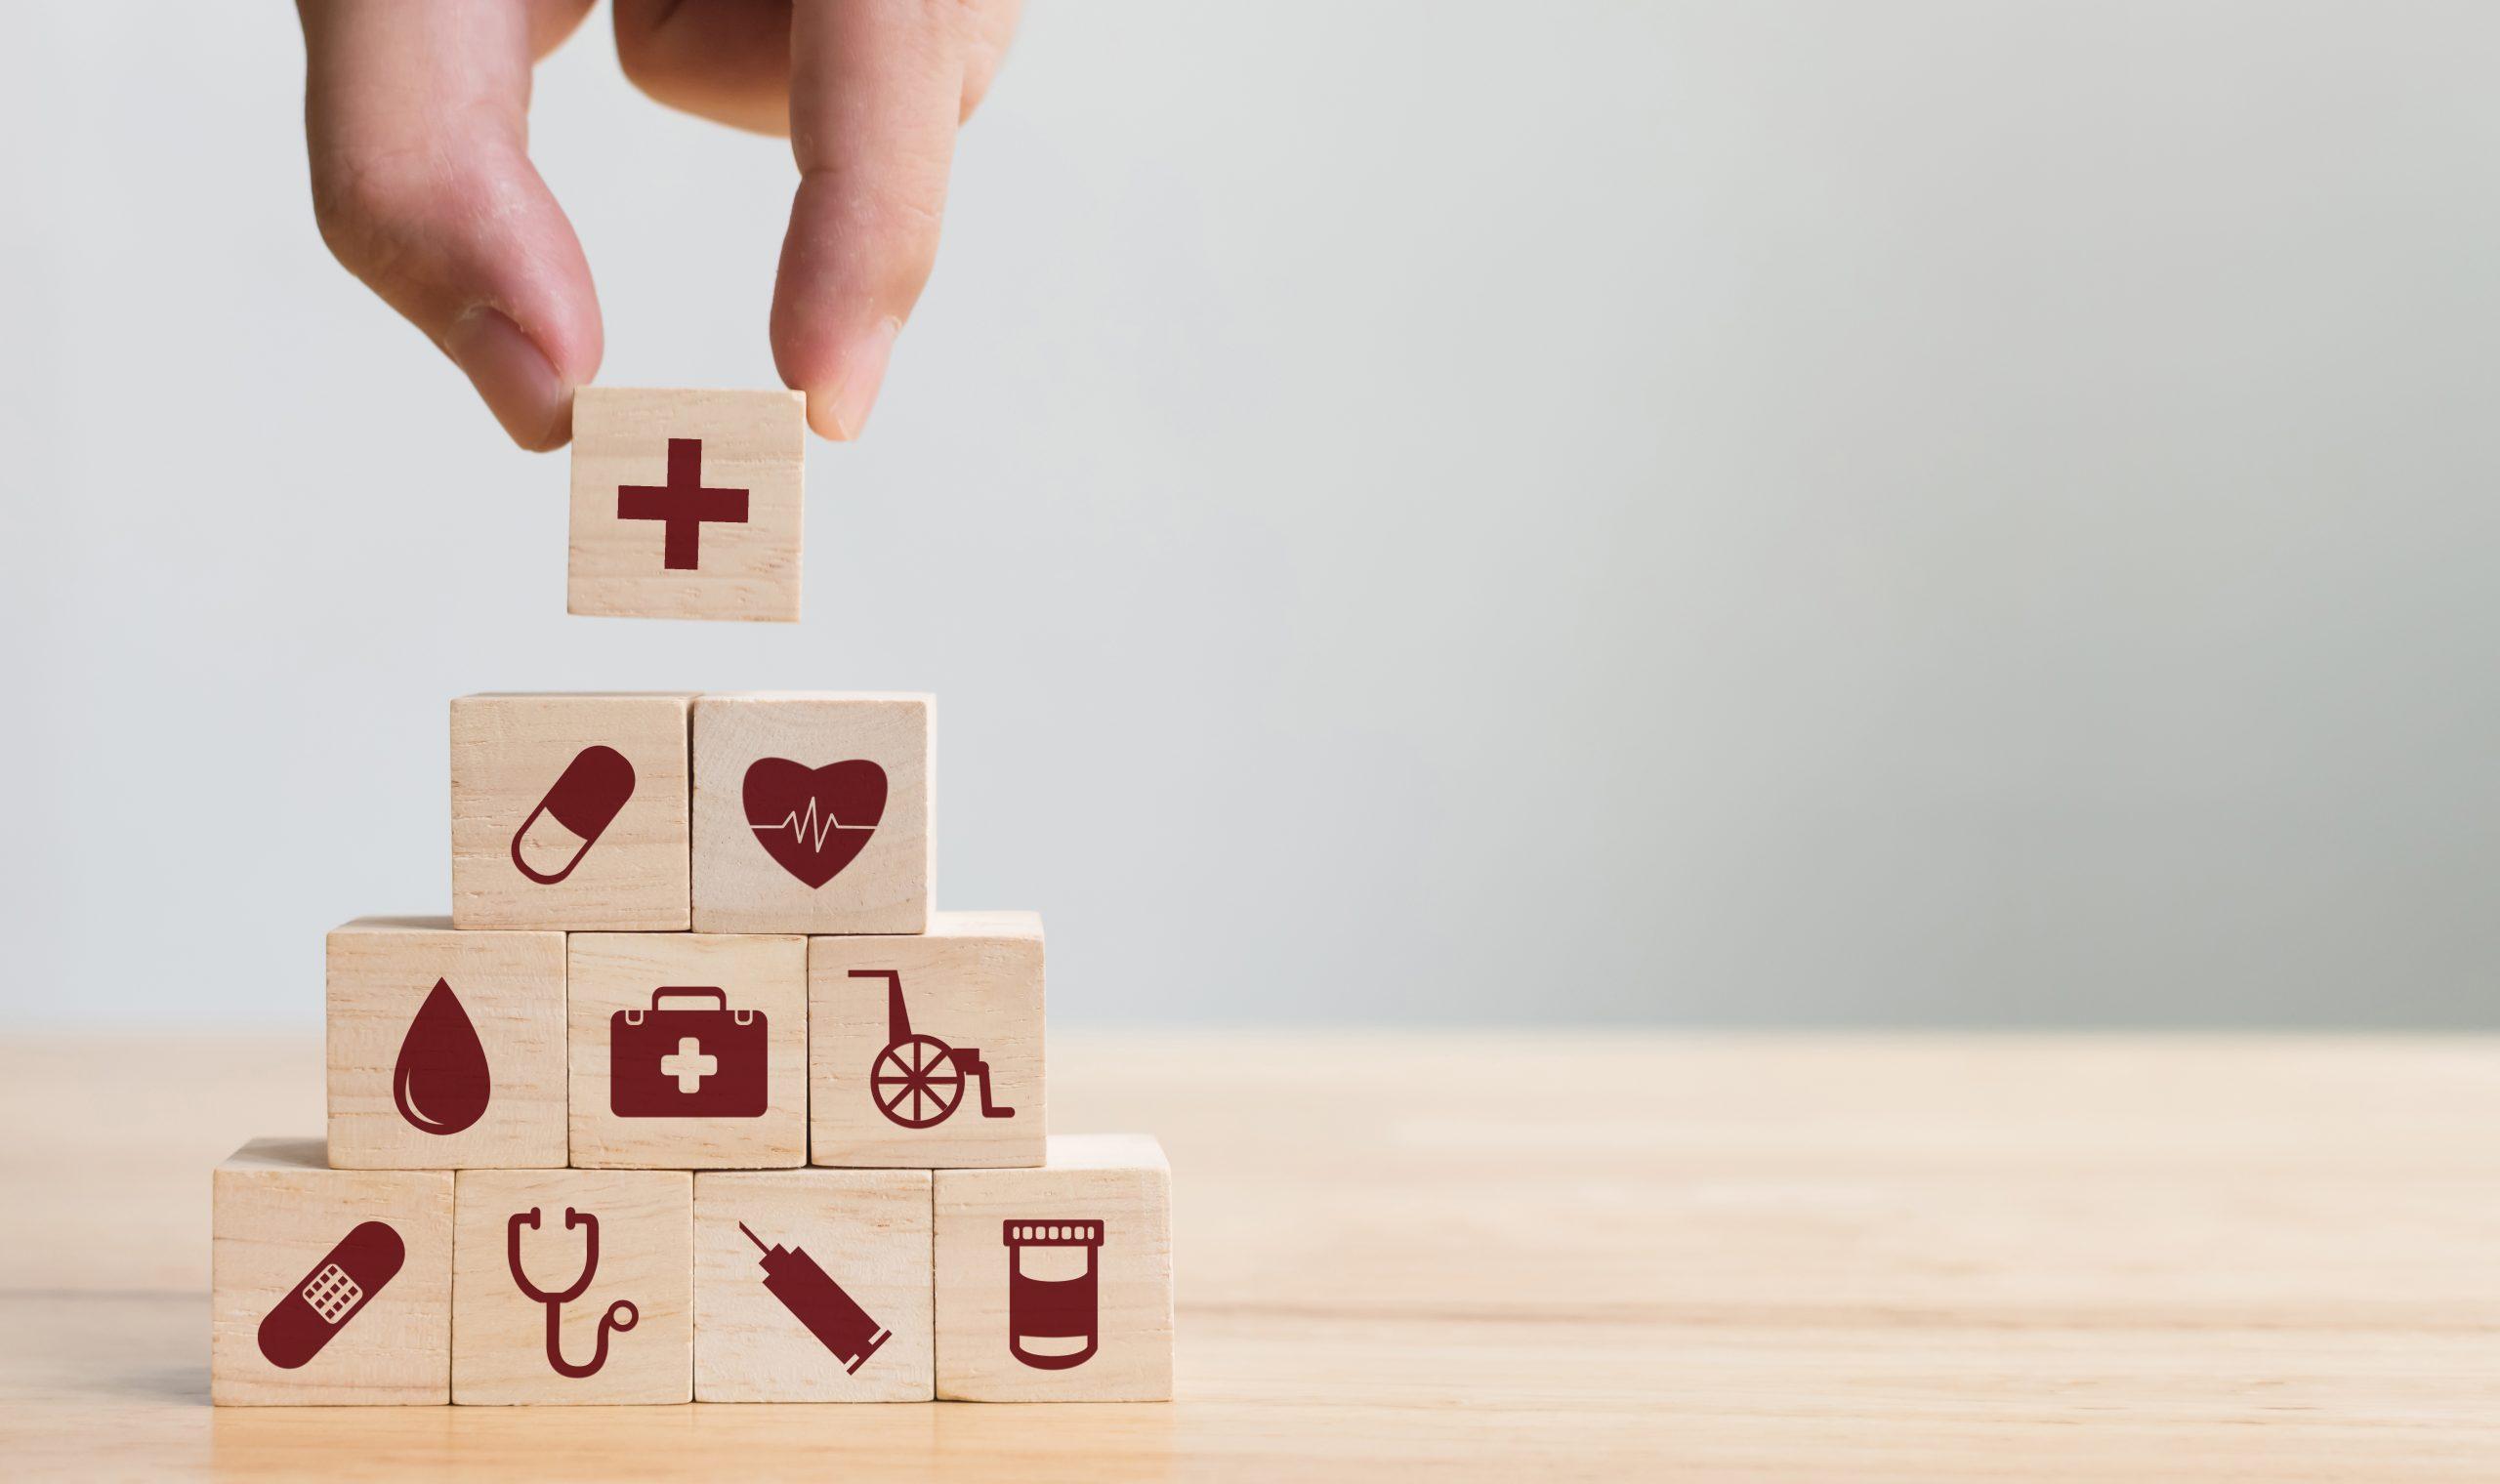 Blocs de bois empilés en forme de pyramide avec des dessins rouge représentants différents éléments de la santé.